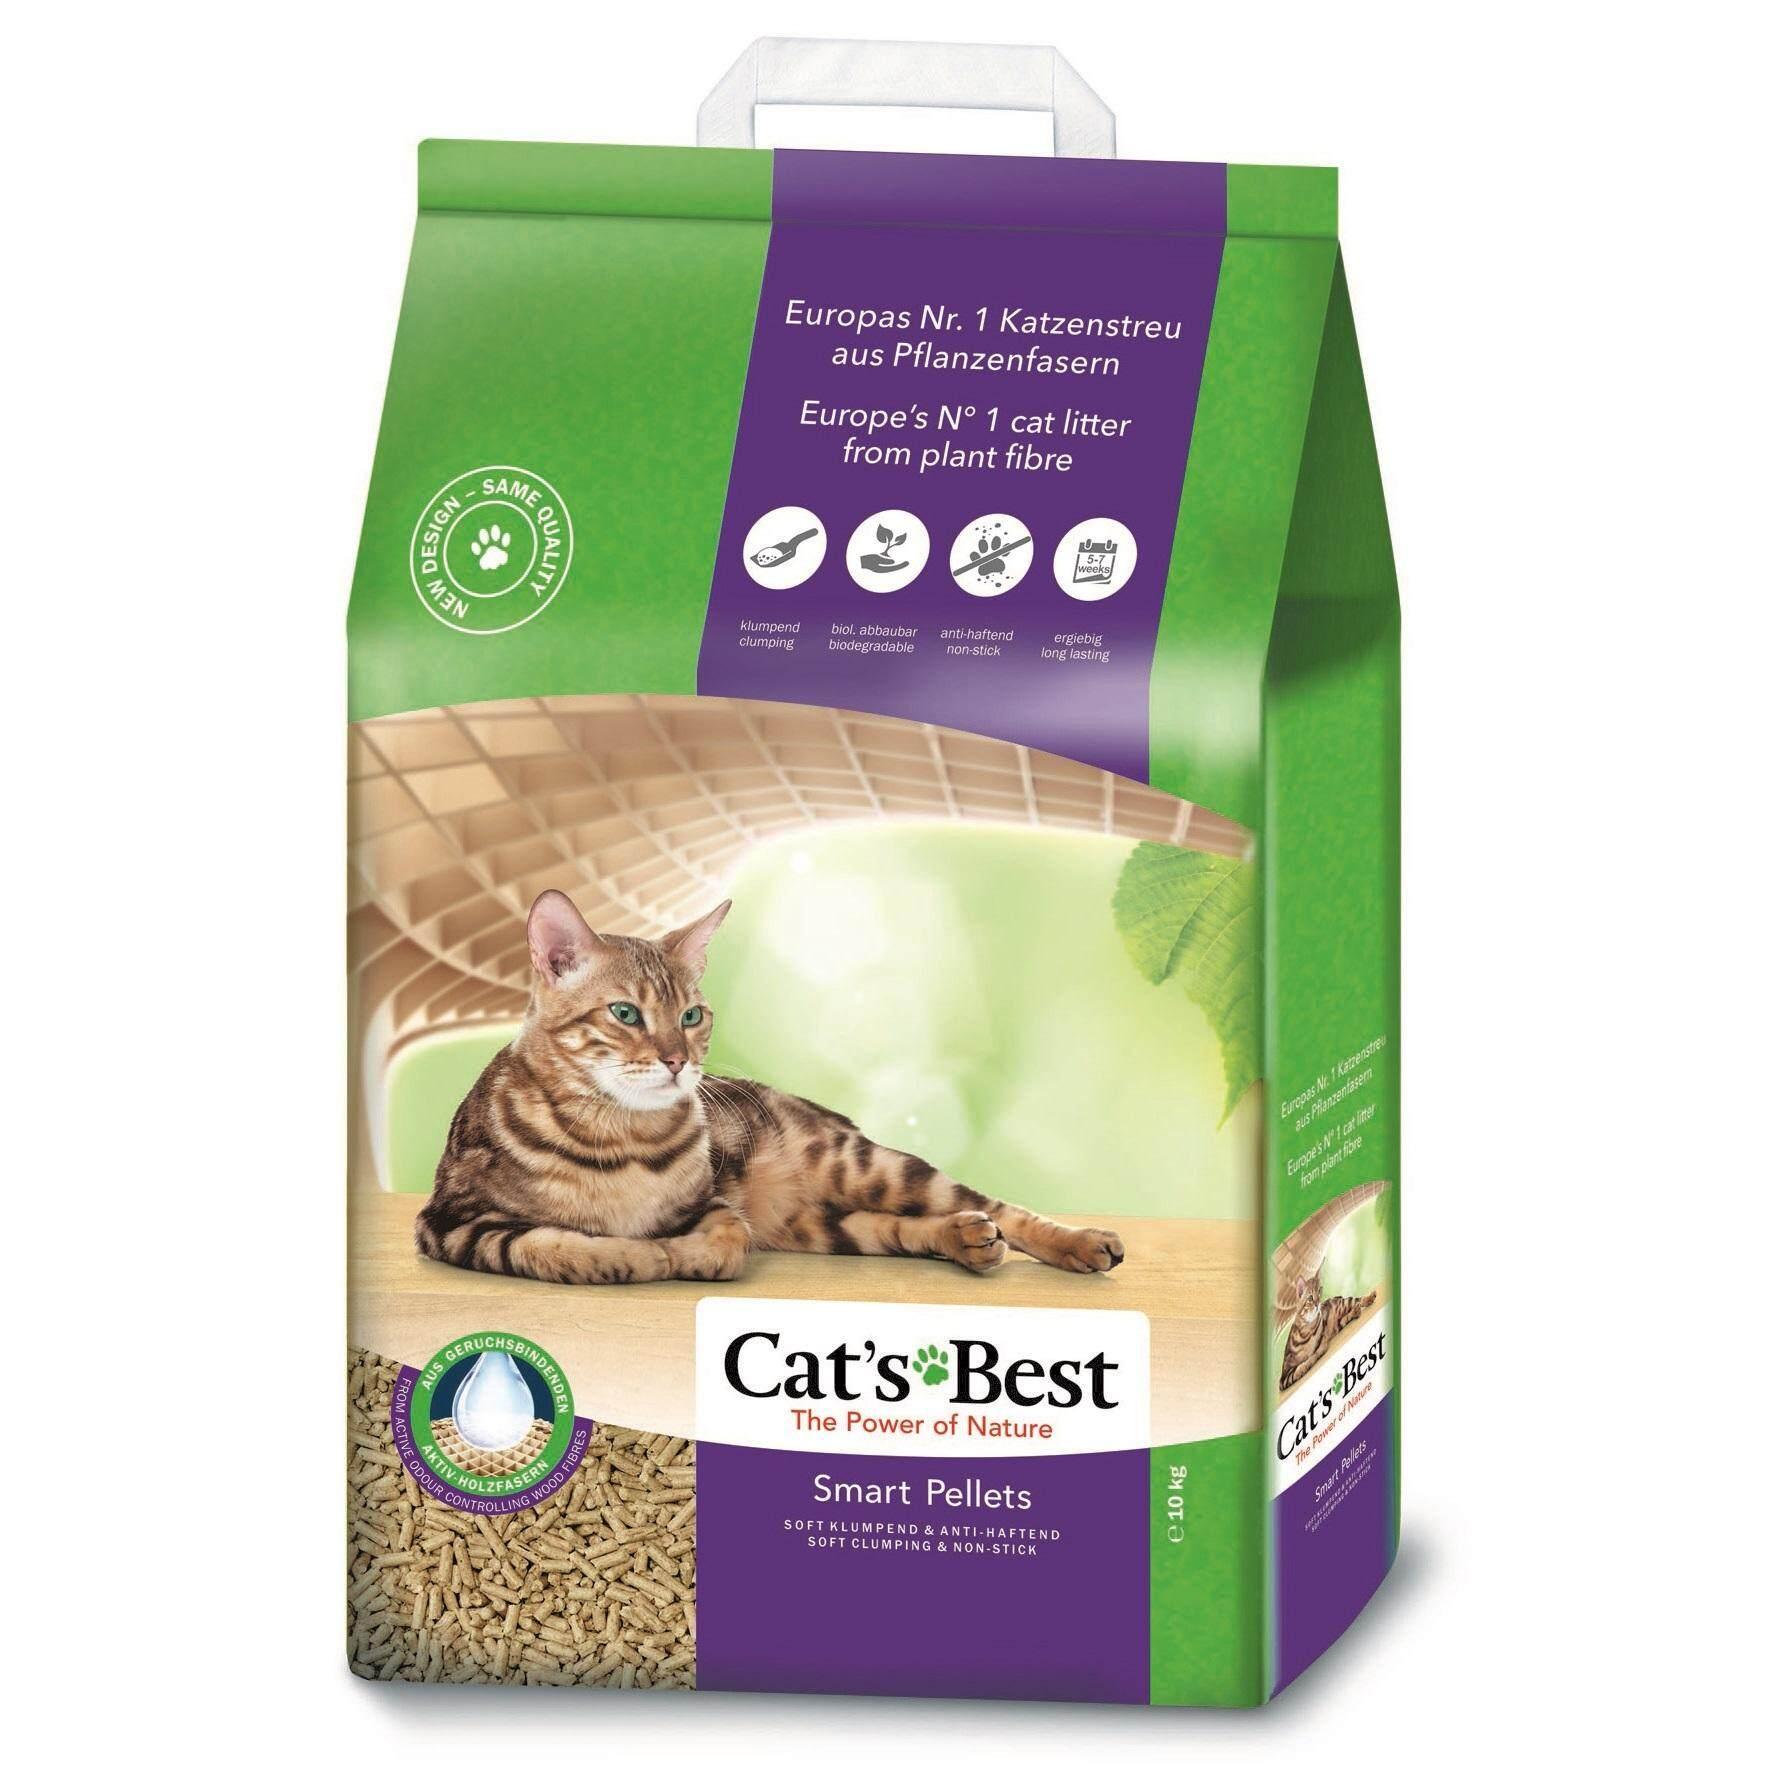 Cats Best ทรายแมวสูตร สมาร์ท เพลเล็ทส์ 20 ลิตร (10 กก.).